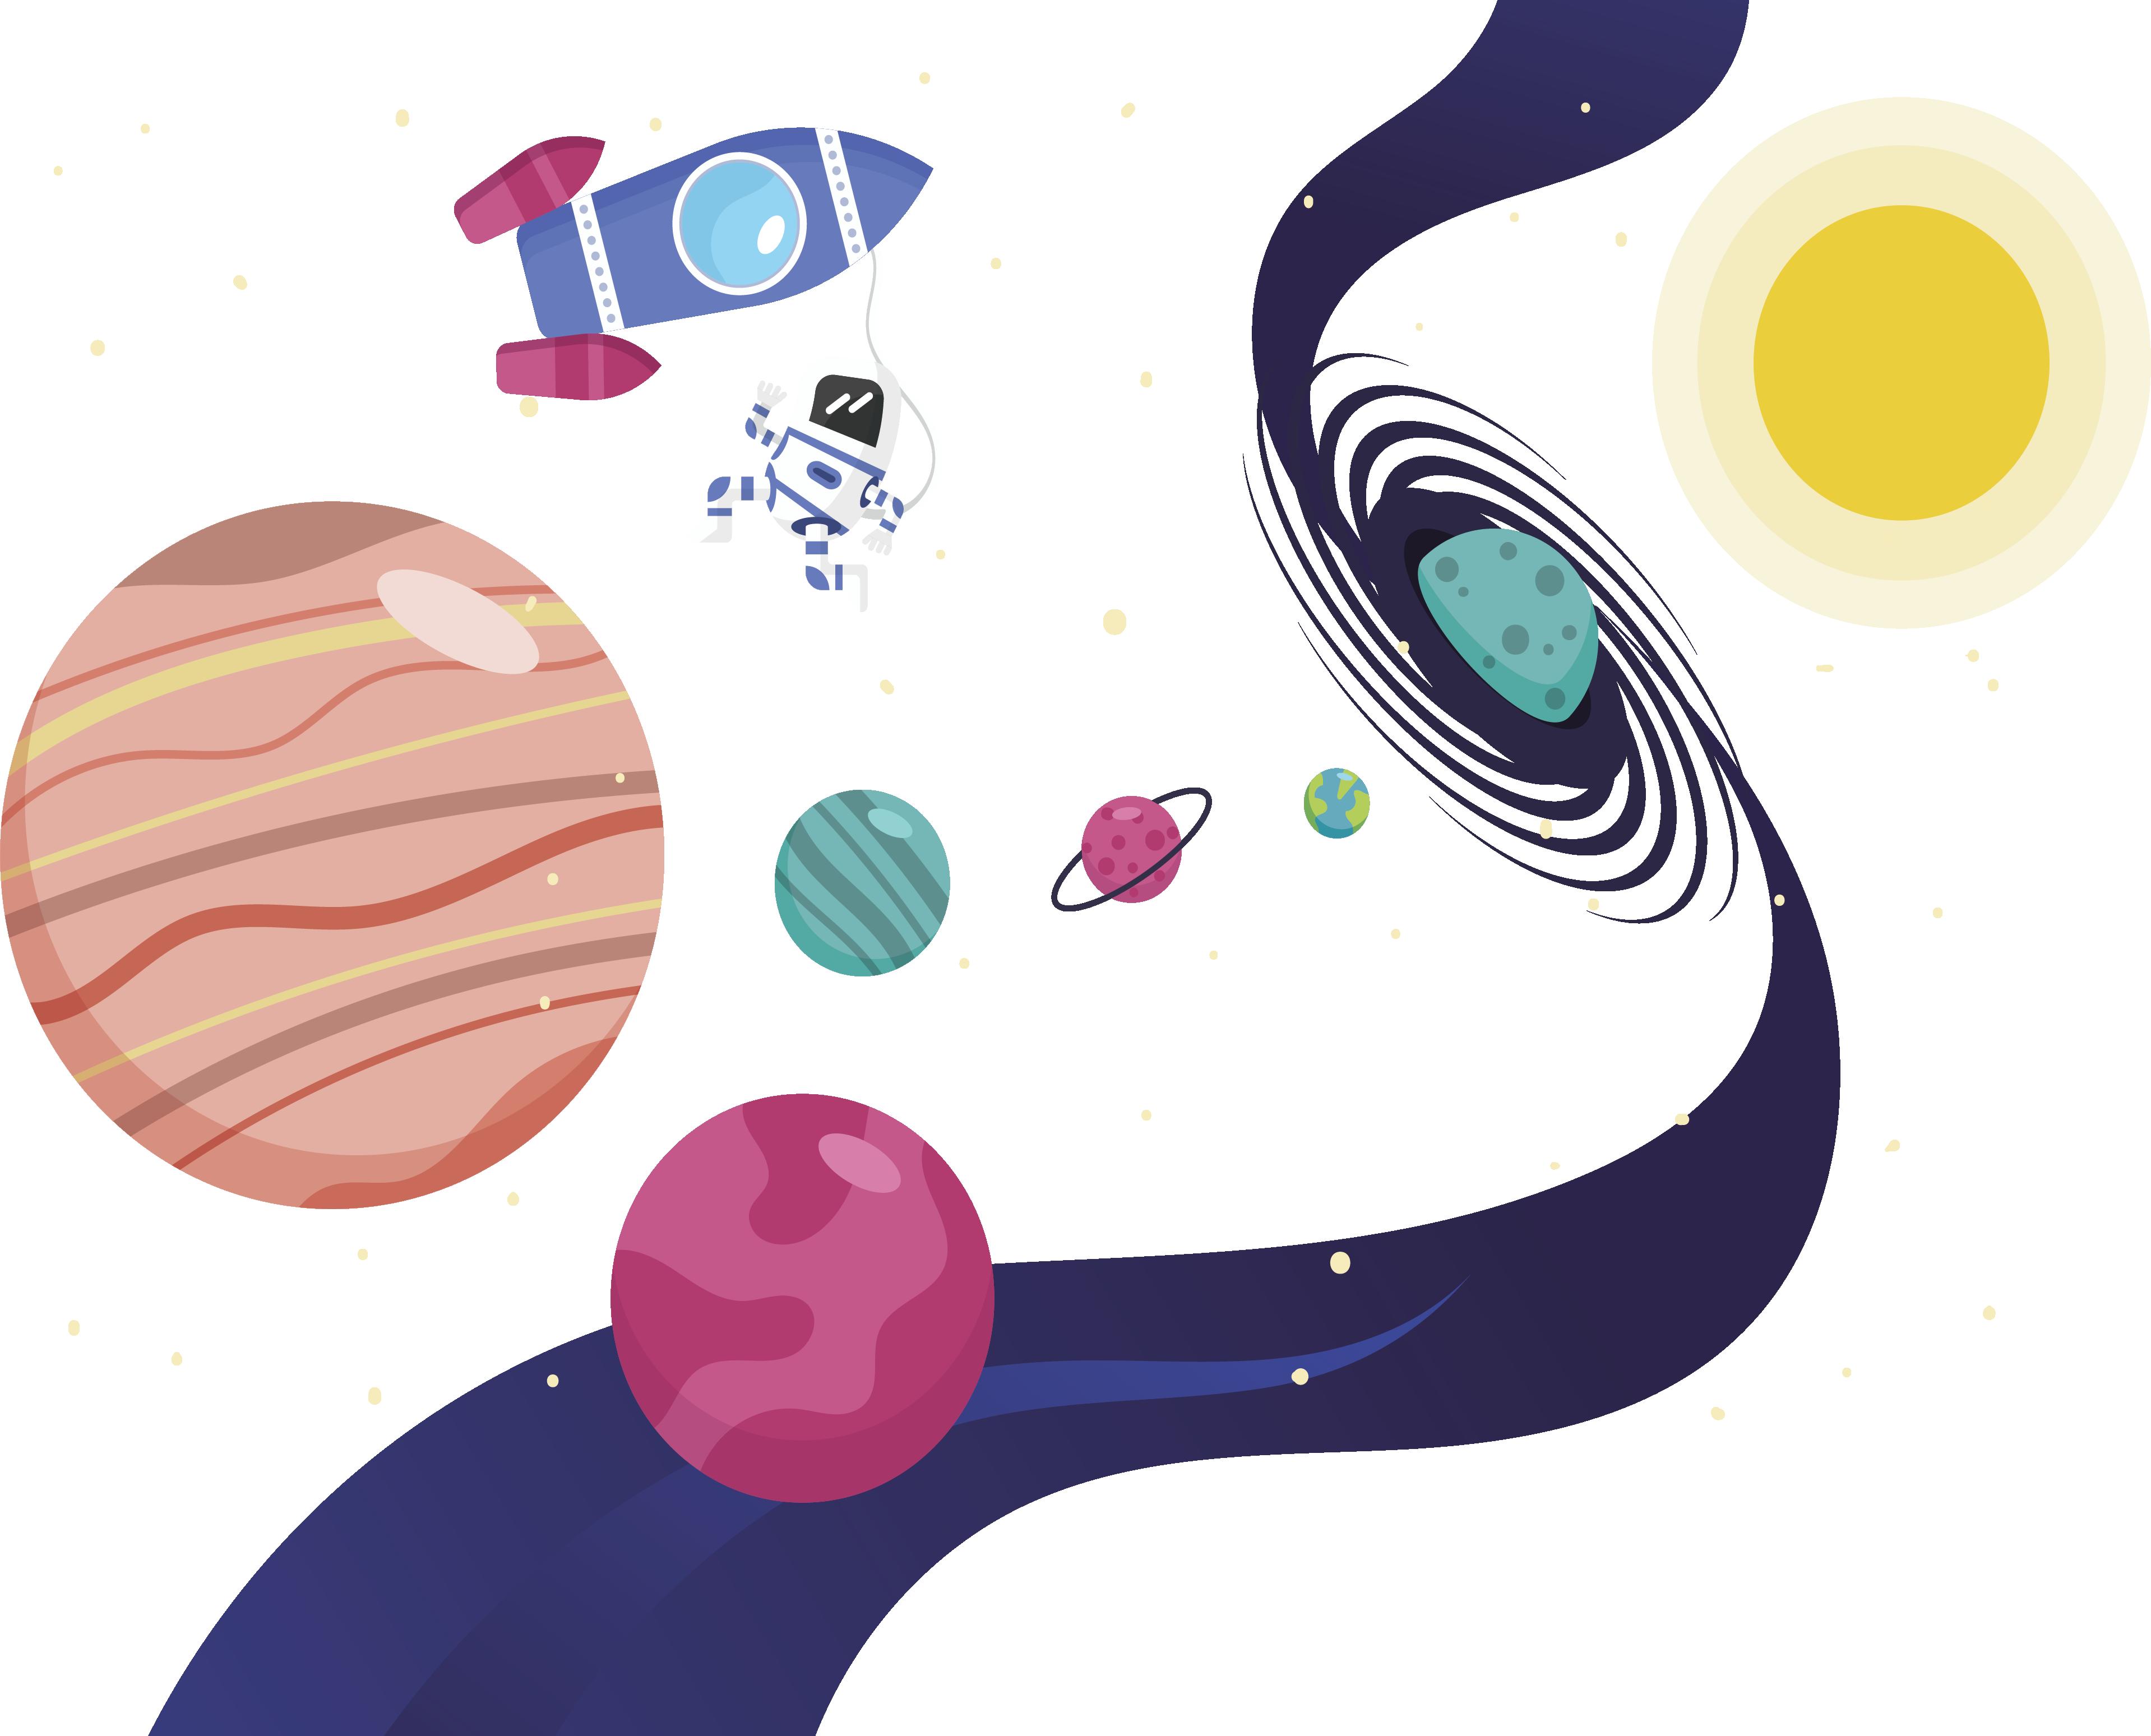 Universe clipart el espacio, Universe el espacio Transparent.